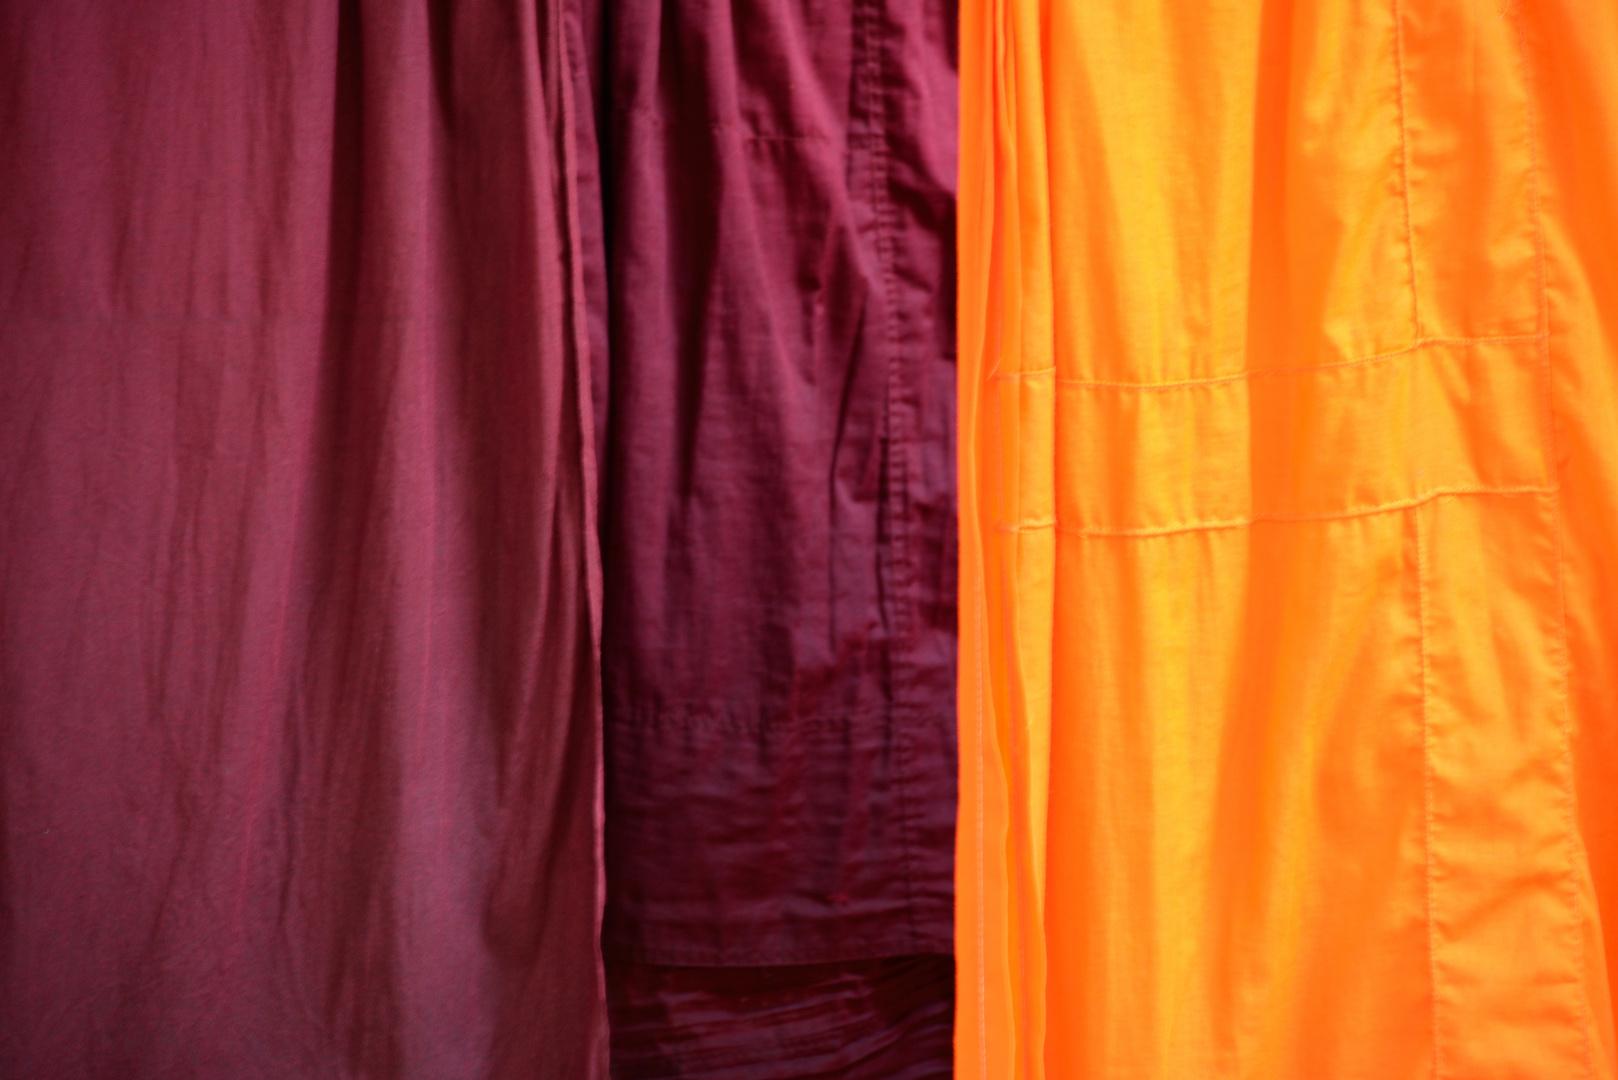 Mönchsgewänder / Monk's garment